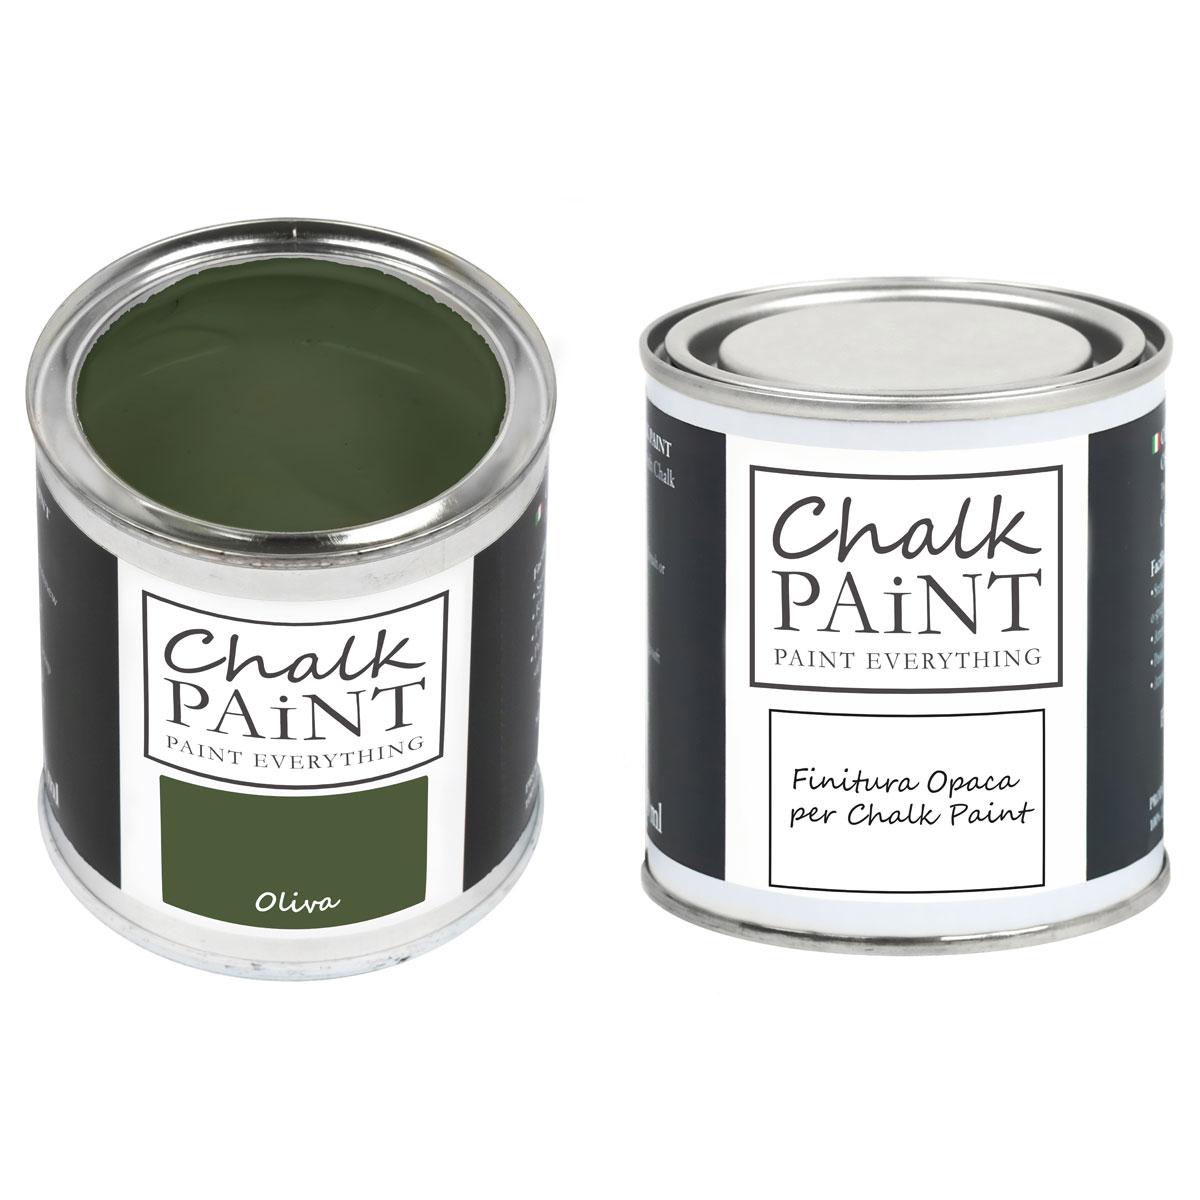 Chalk Paint Oliva paint magic